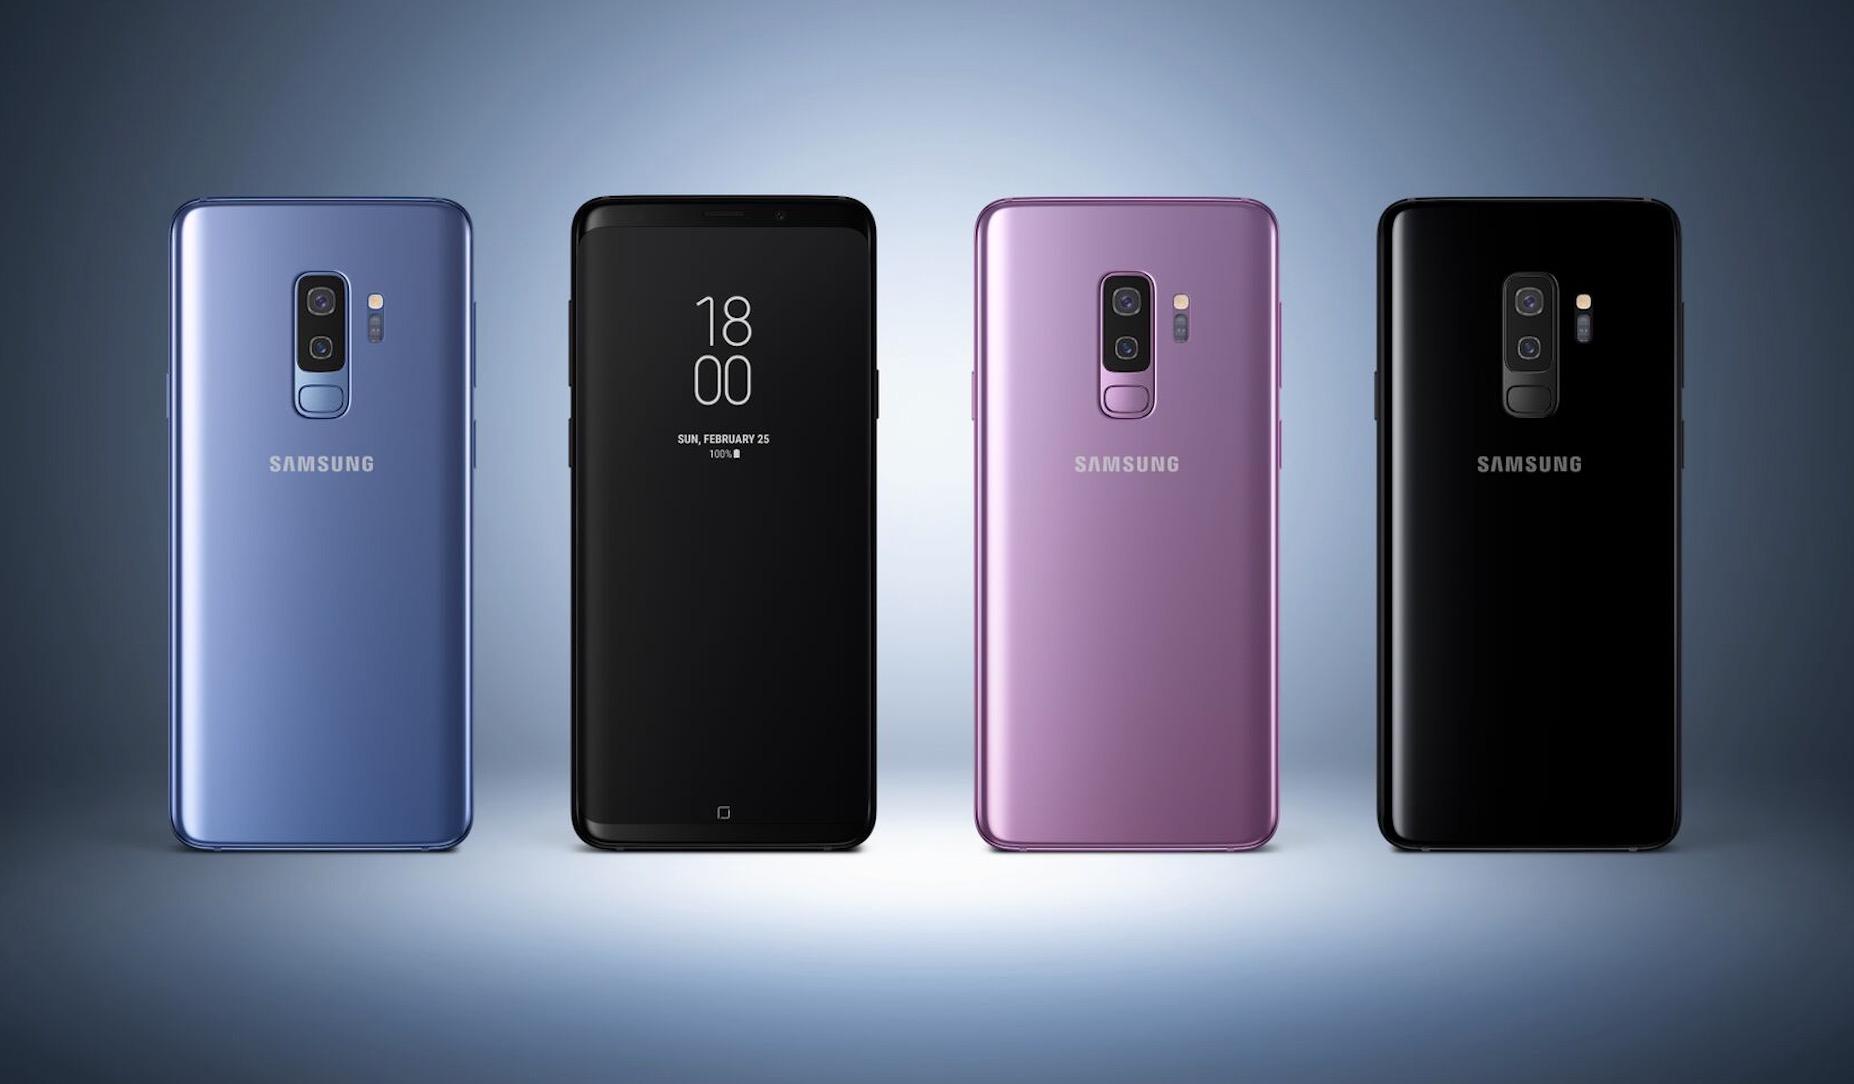 Samsung Galaxy S9 Release Date Breakdown